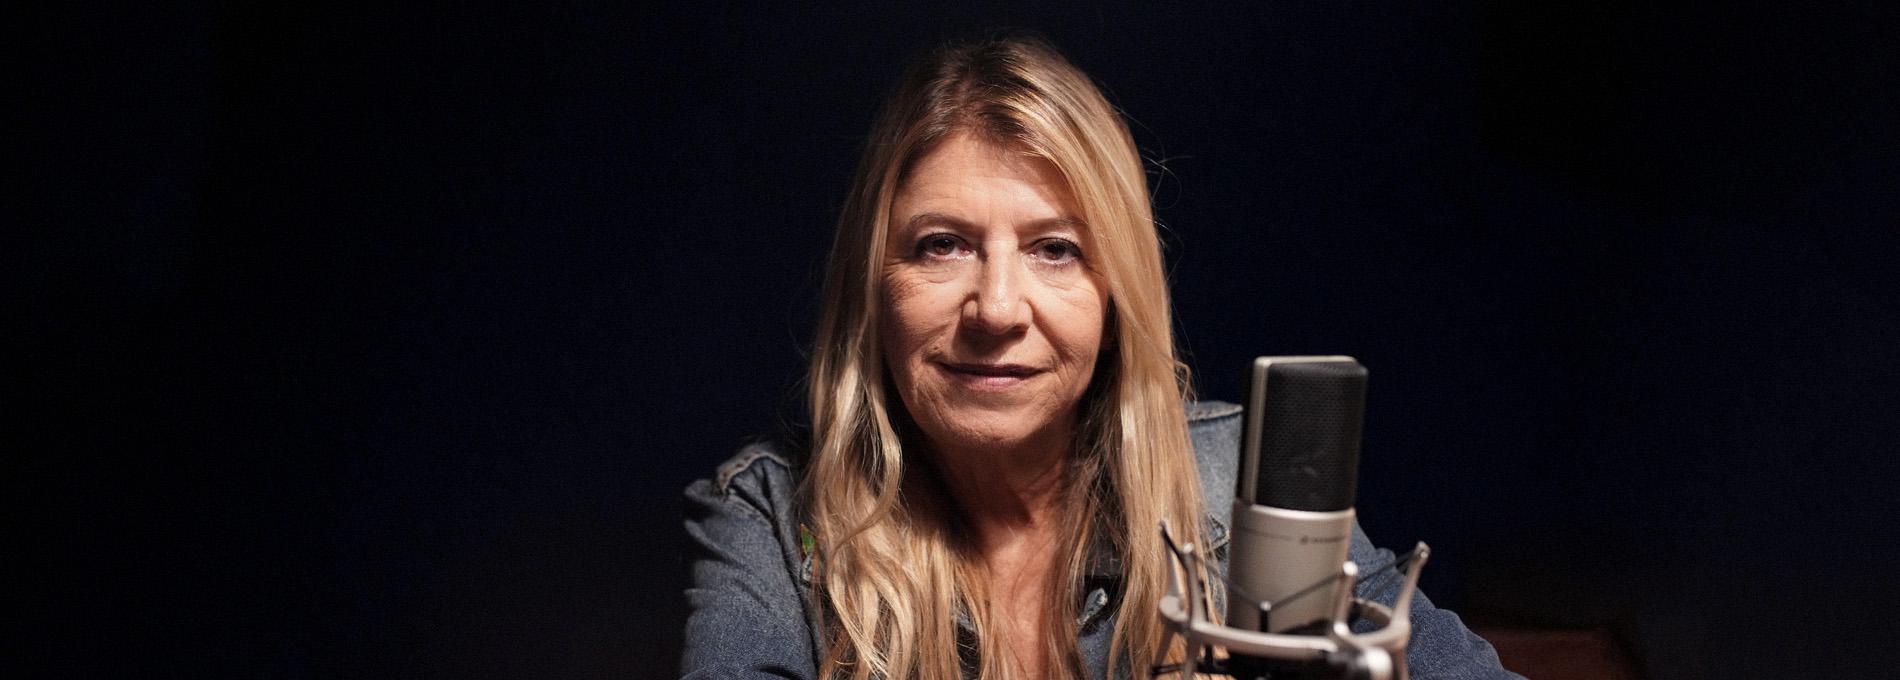 Ilana Casoy: Preso também tem que ser tratado com dignidade